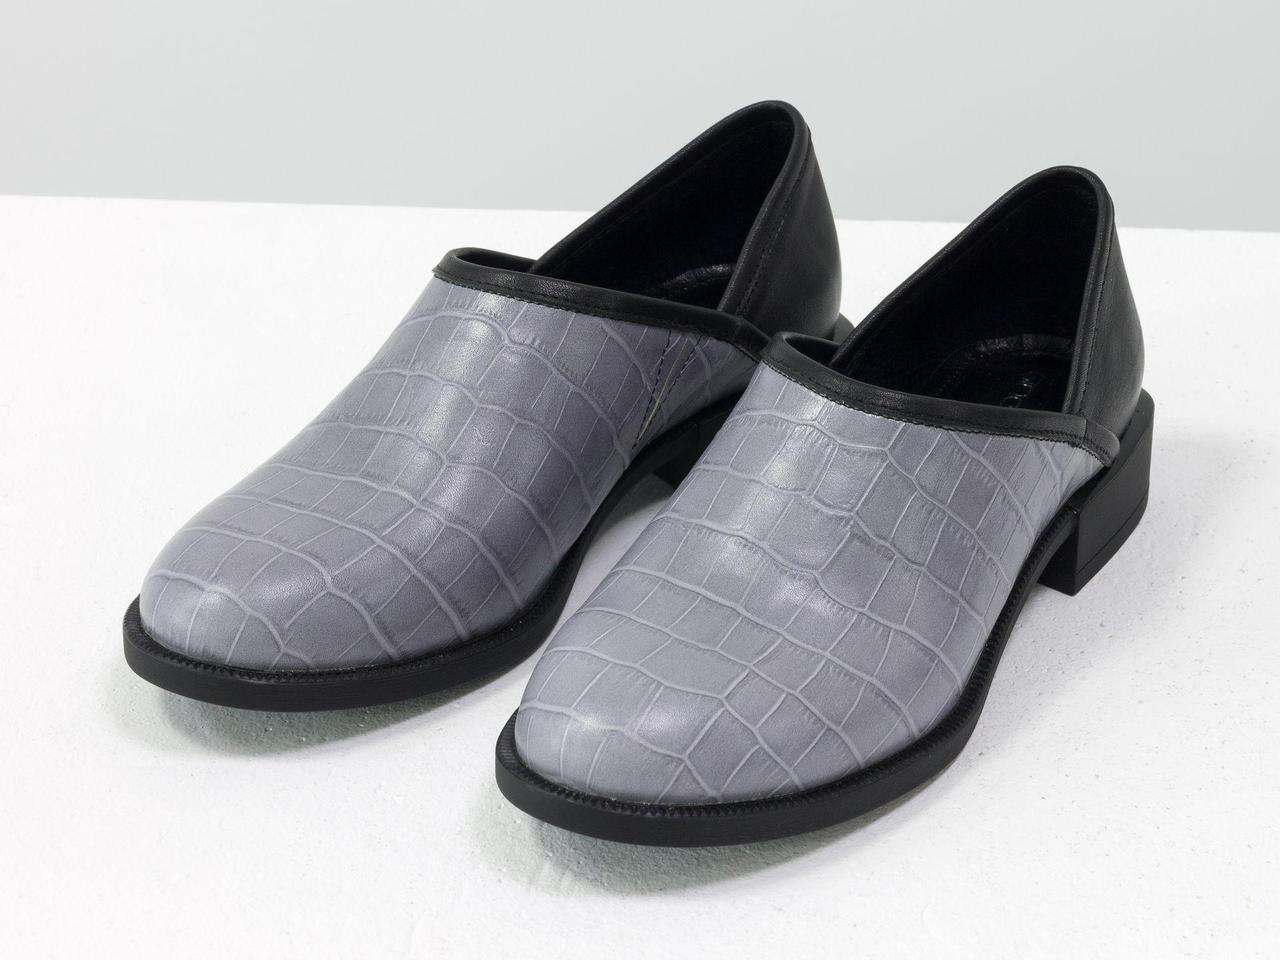 Элегантные женские туфли из натуральной кожи серого цвета с текстурой крокодил и пятки черного цвета, 36-41